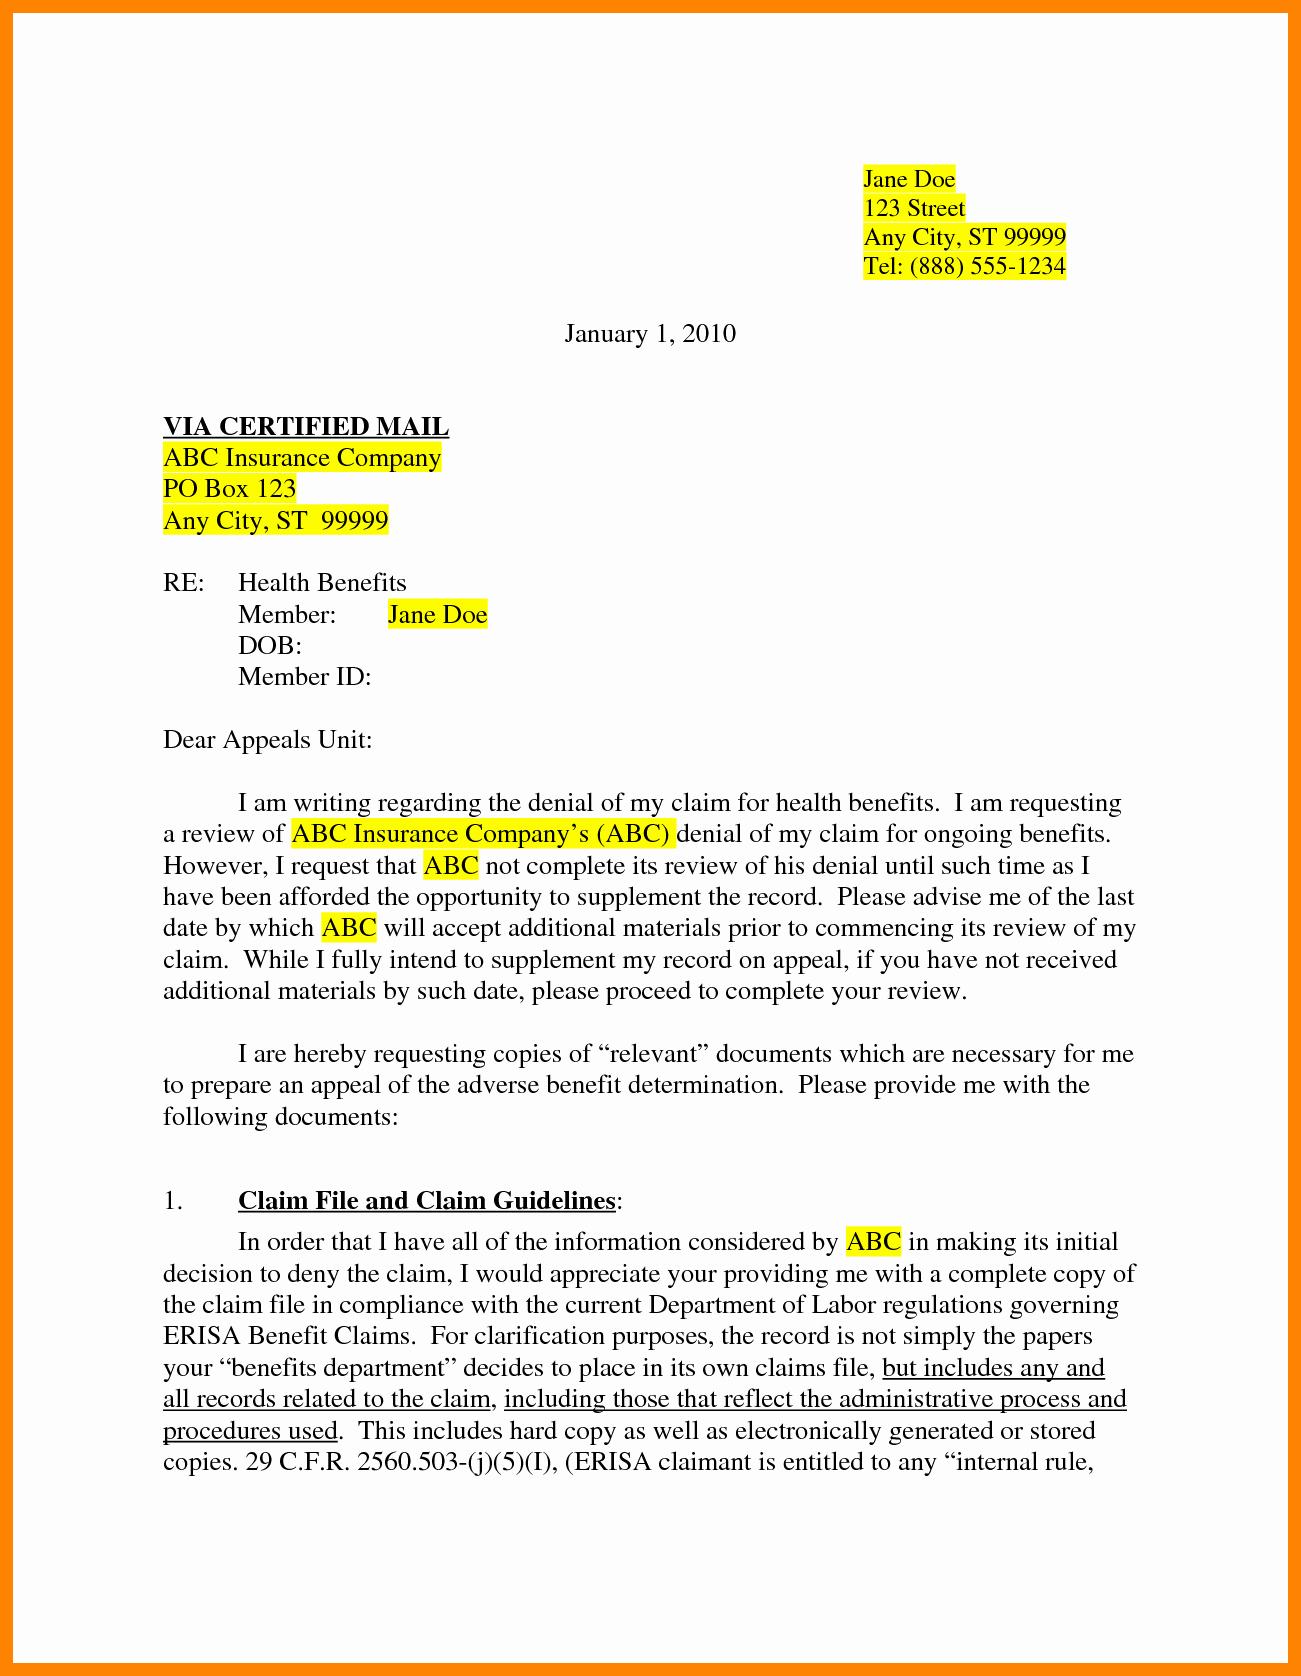 Insurance Denial Letter Template Luxury 7 Insurance Appeal Letter Sample